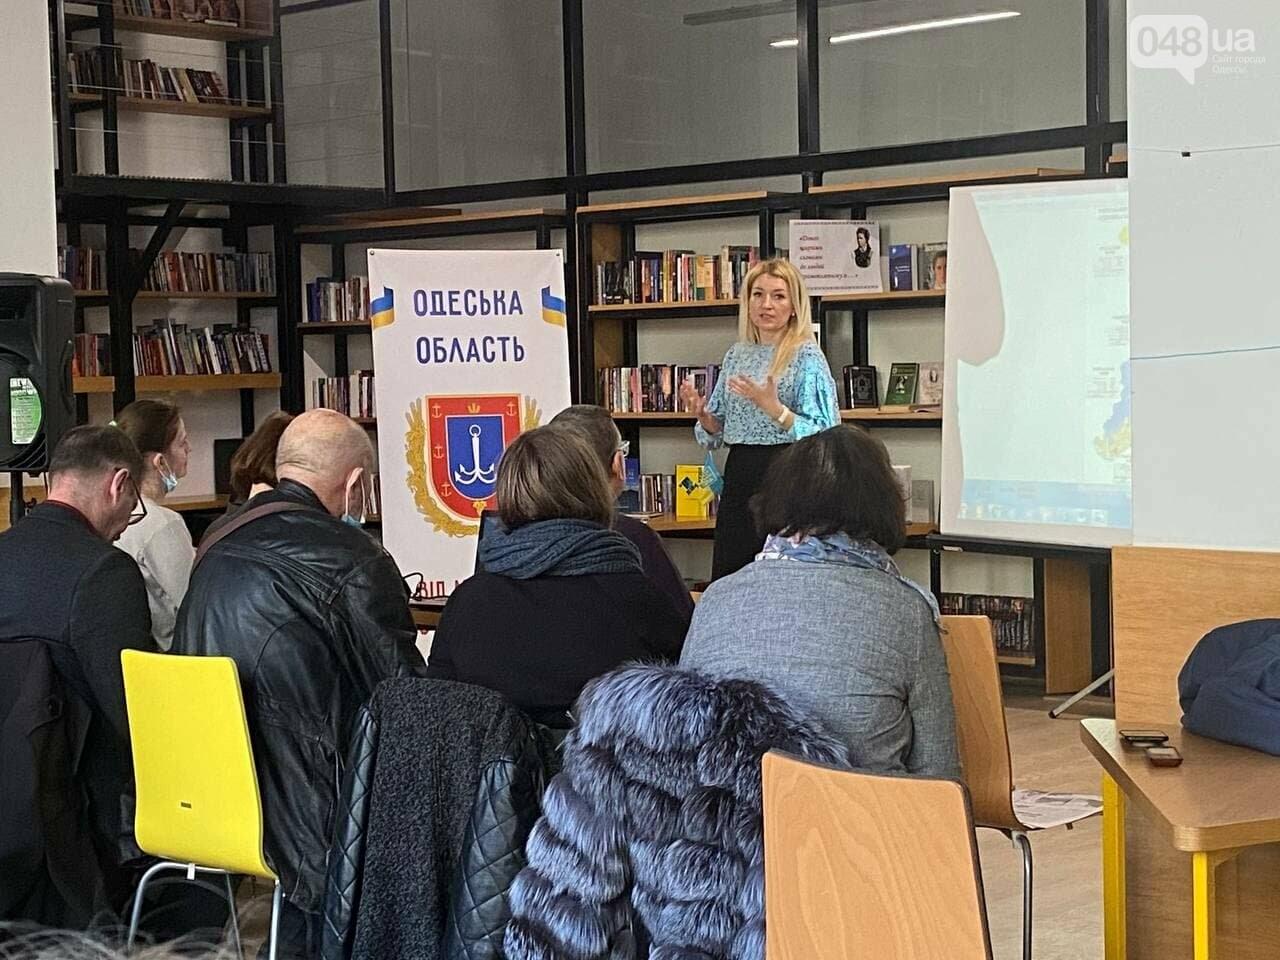 Одесской области 89 лет: как самая маленькая область Украины стала самой большой,- ФОТО, фото-2